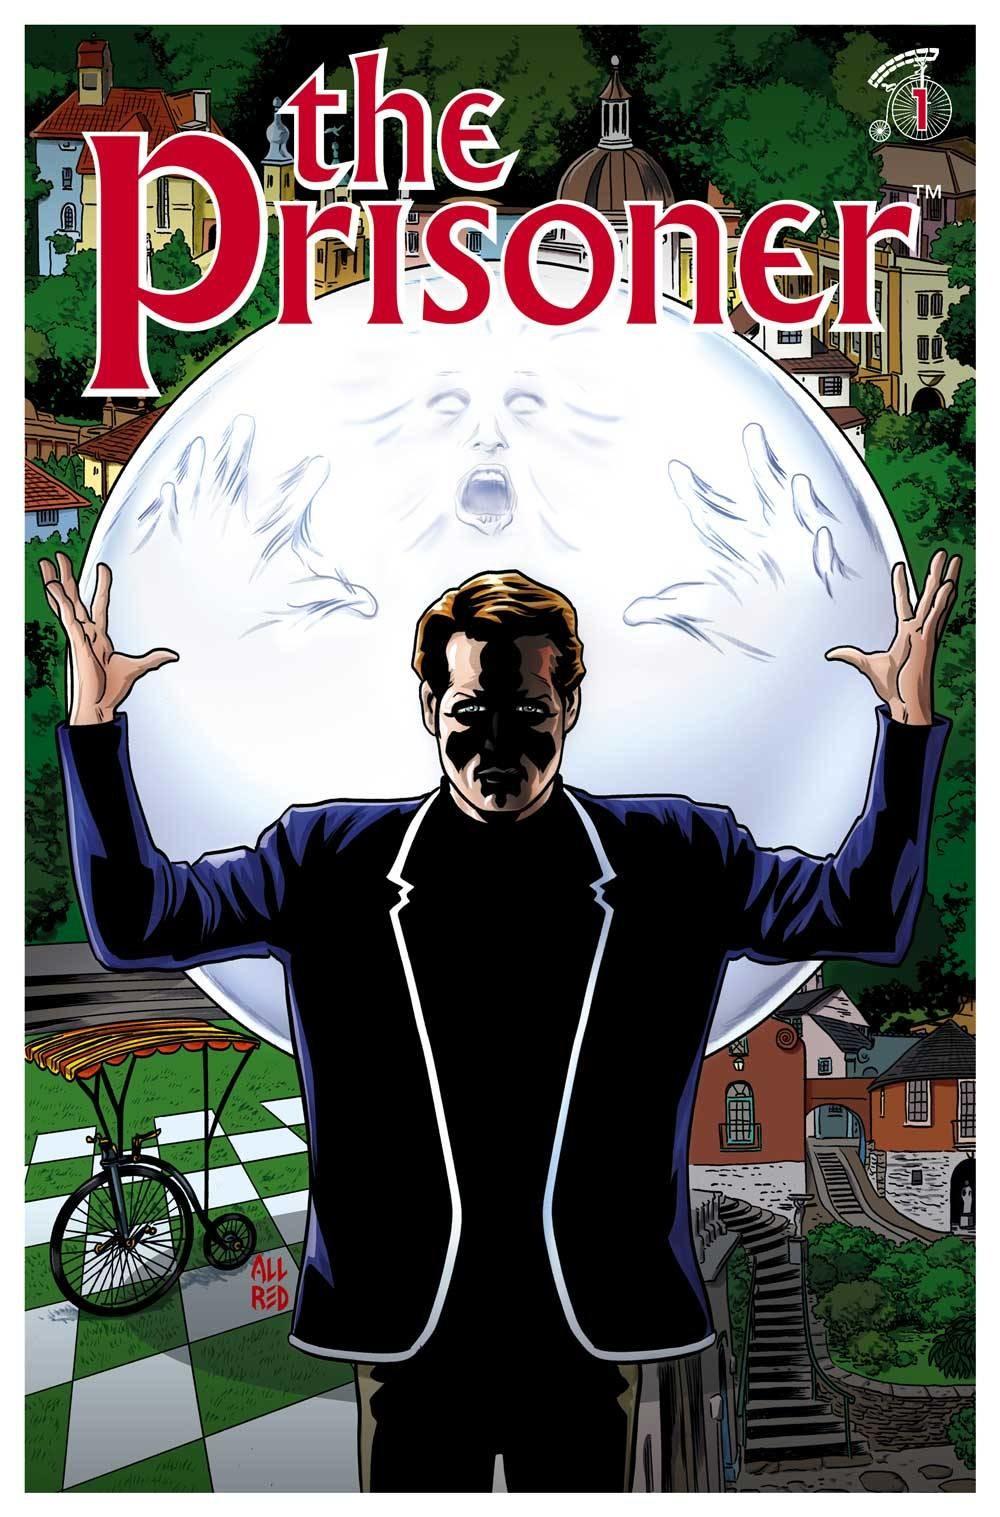 prisonercover.jpg